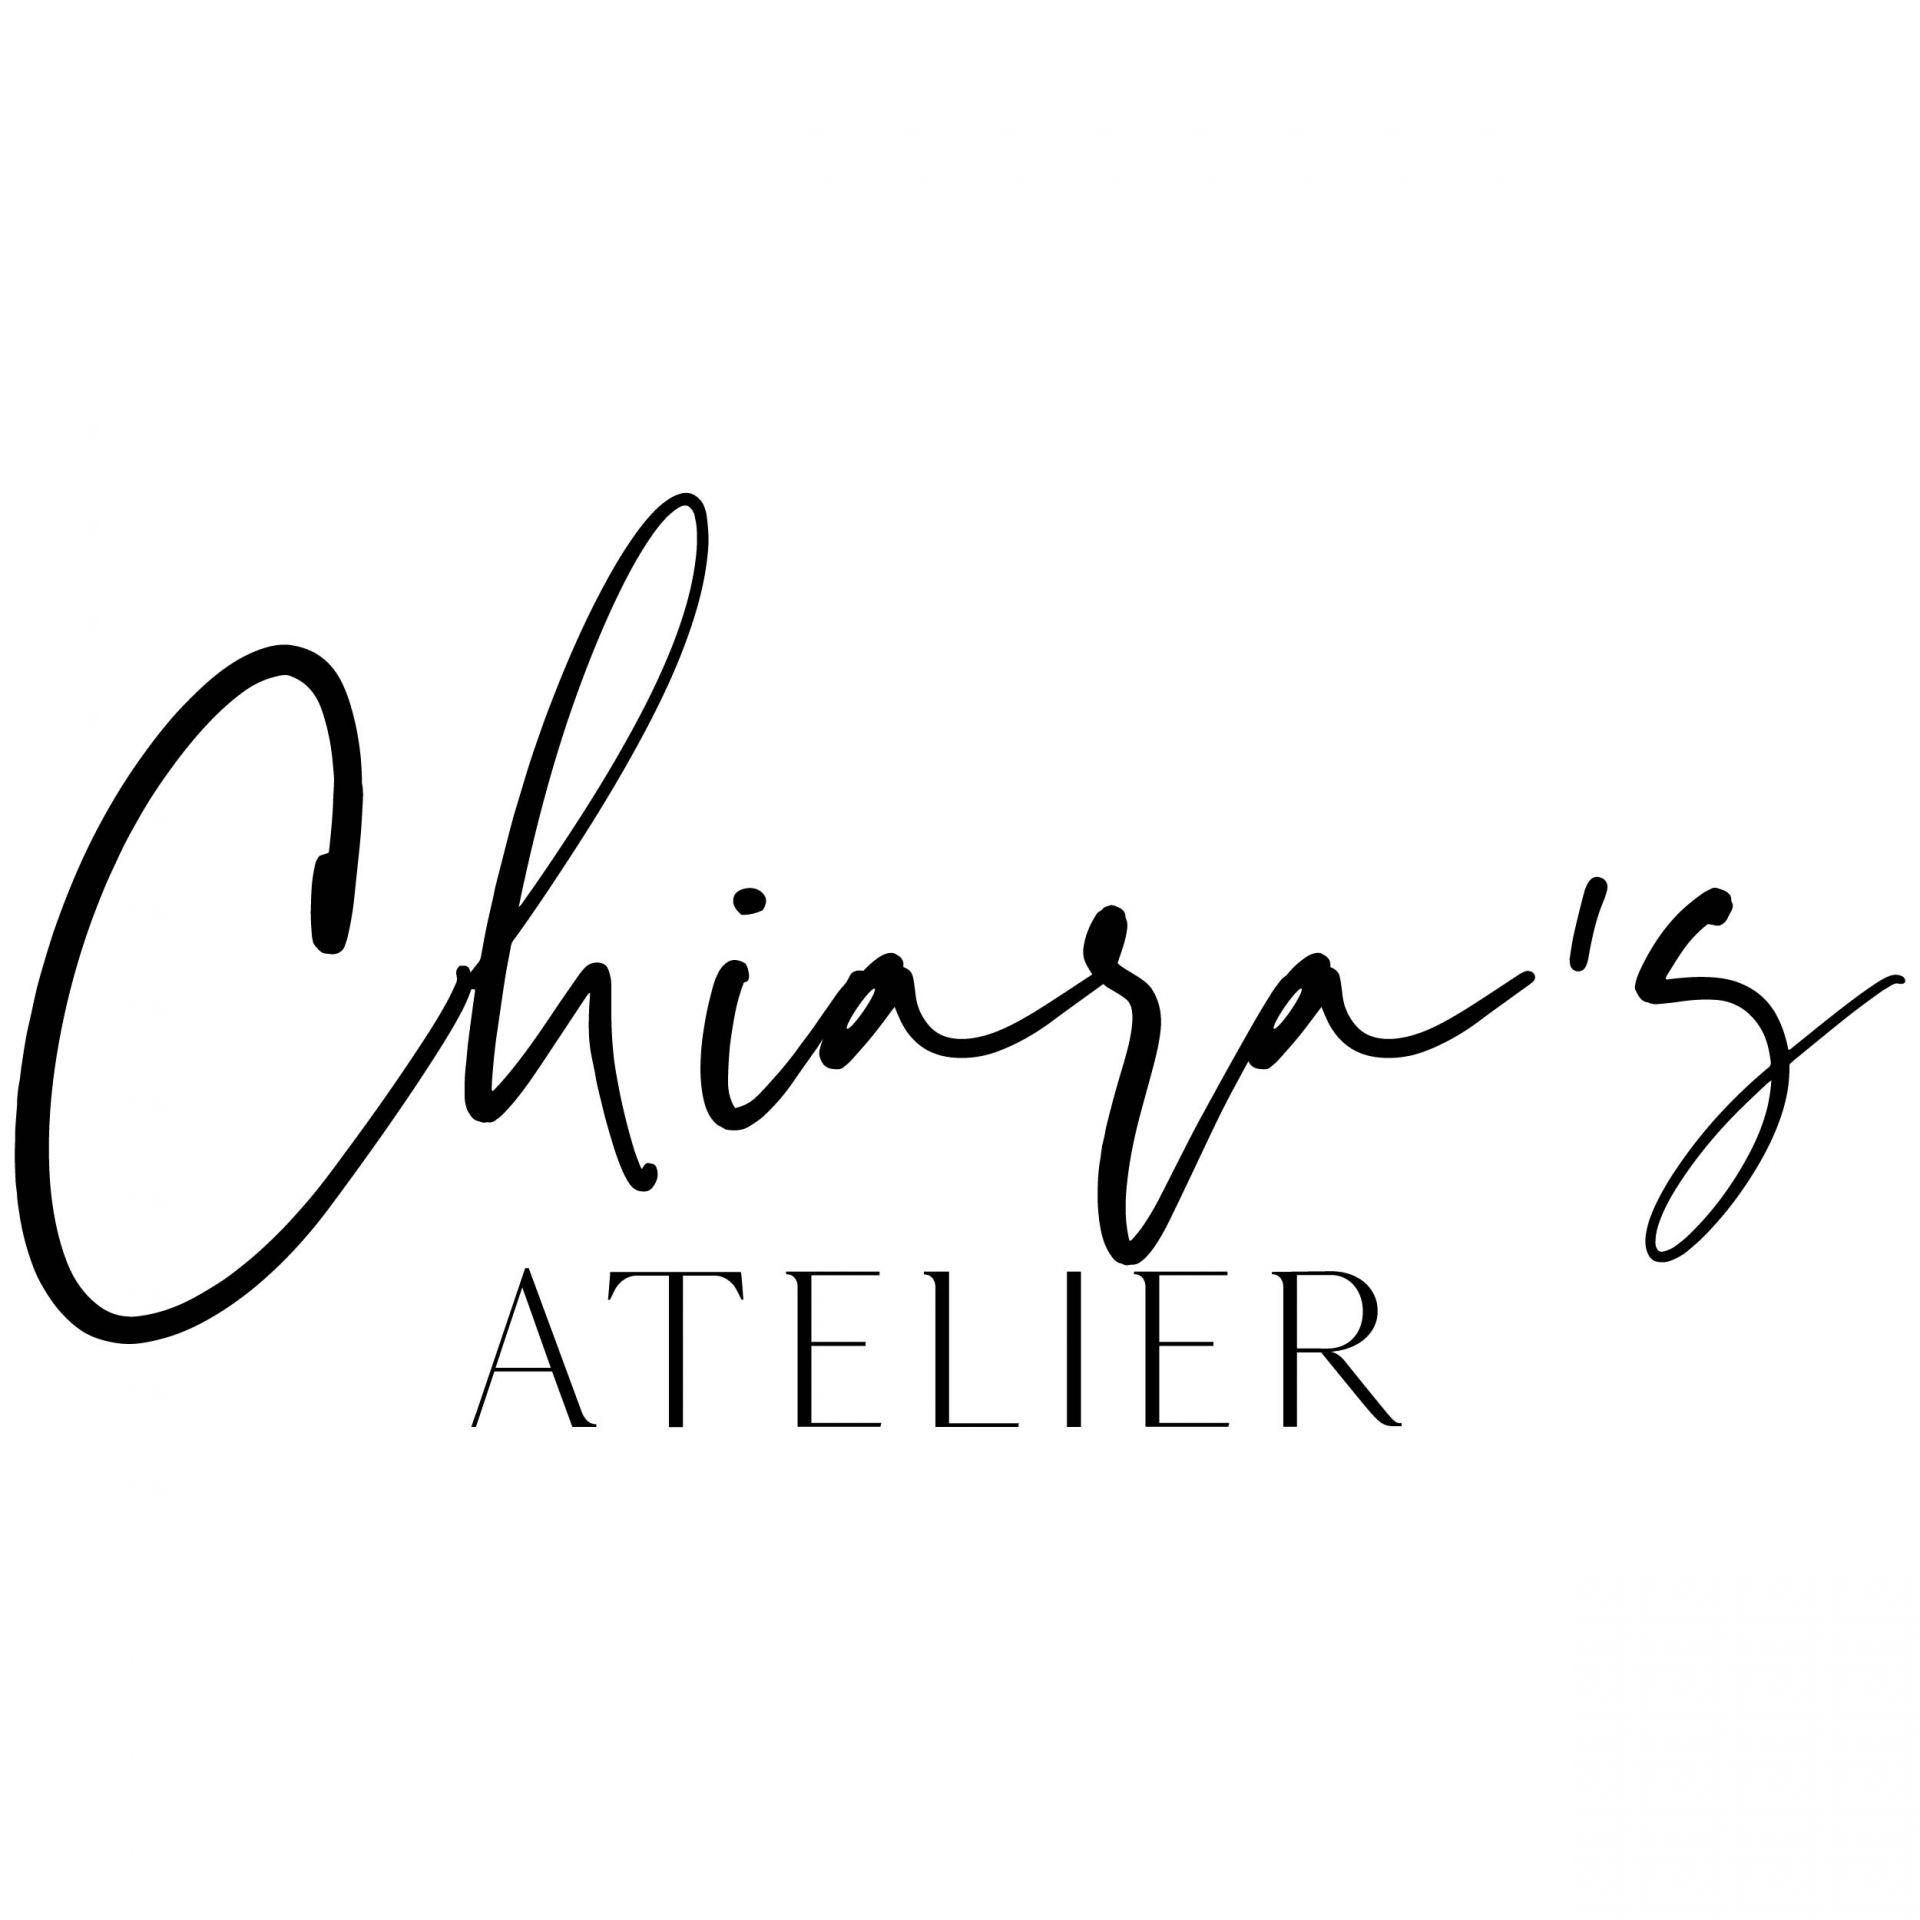 Chiara's Atelier